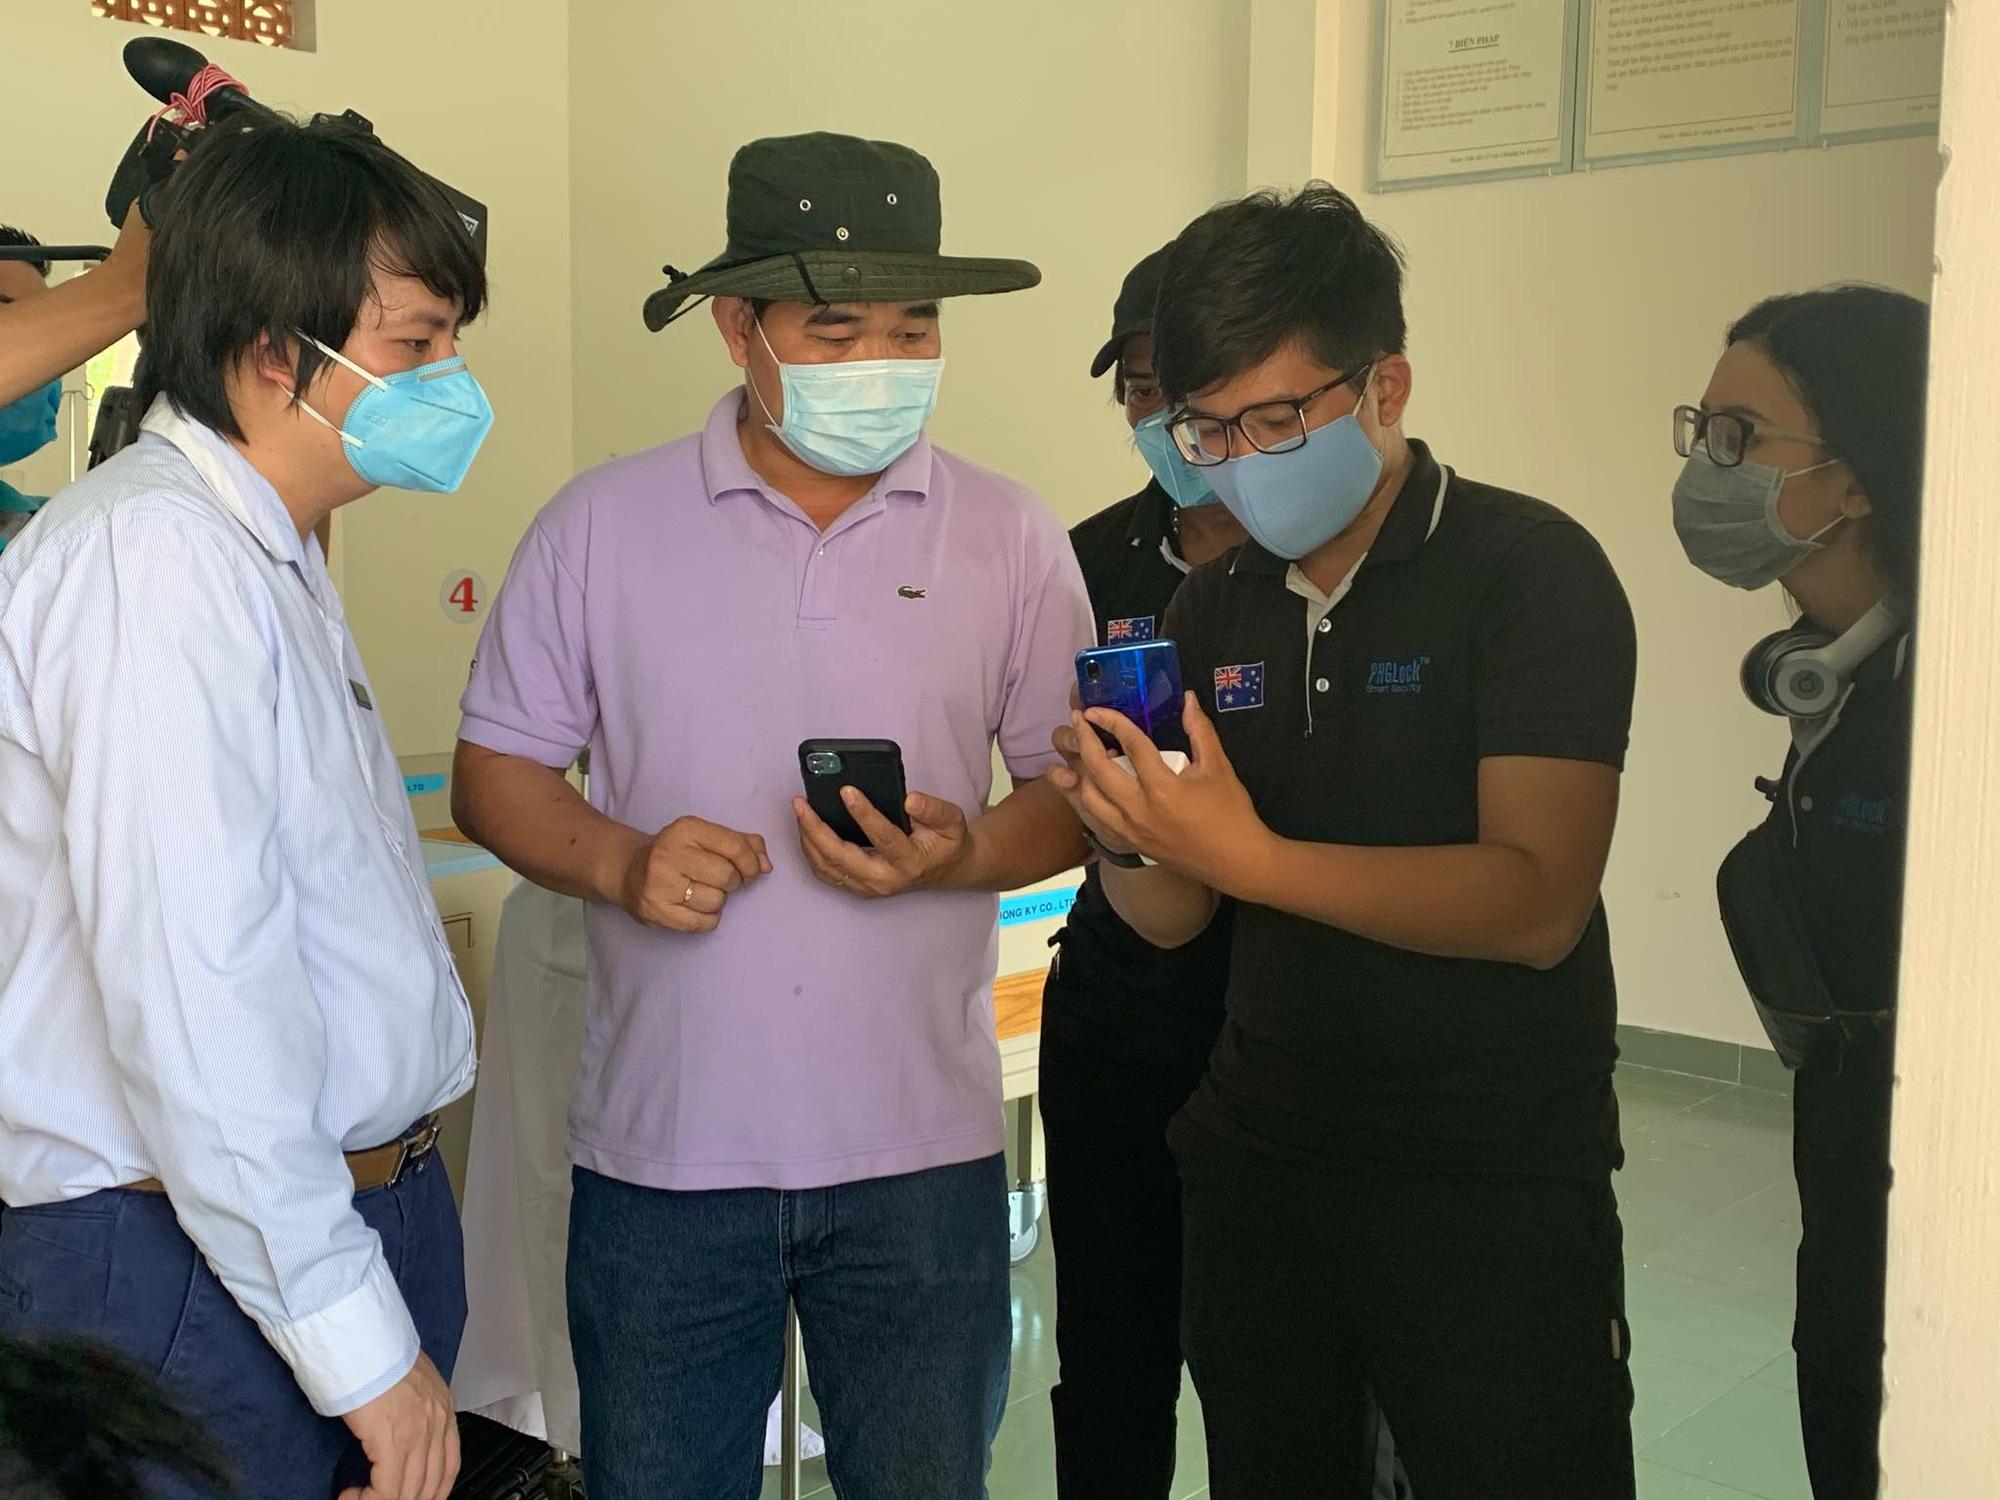 Trang bị chuông thông minh cho bệnh viện dã chiến để hỗ trợ hiệu quả công tác cách li - Ảnh 2.